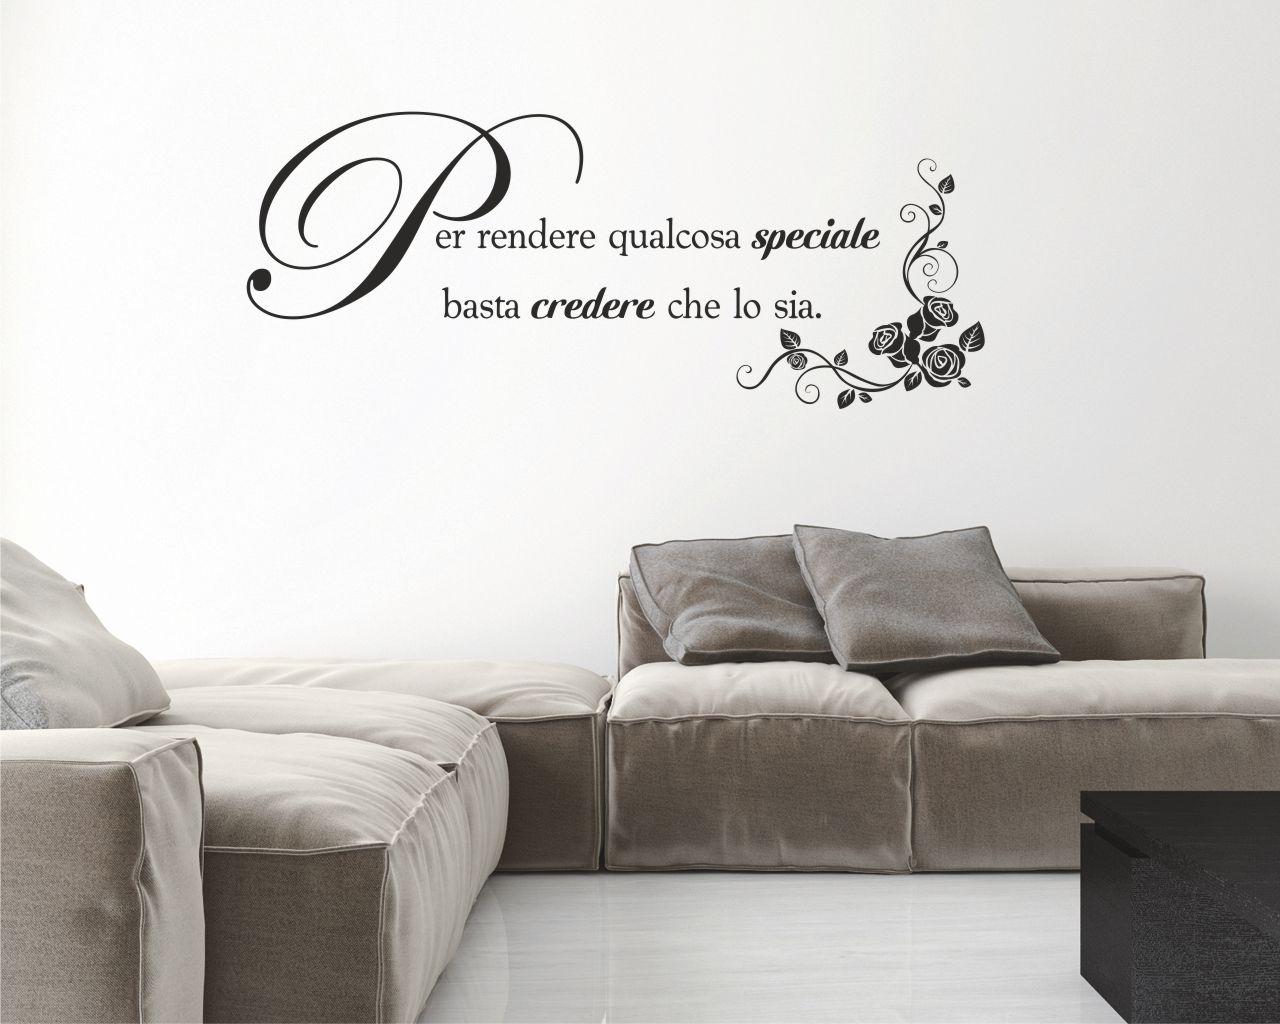 Qualcosa di speciale frasi aforismi citazioni adesivo murale interni decori adesivi - Adesivi murali per camera da letto ...